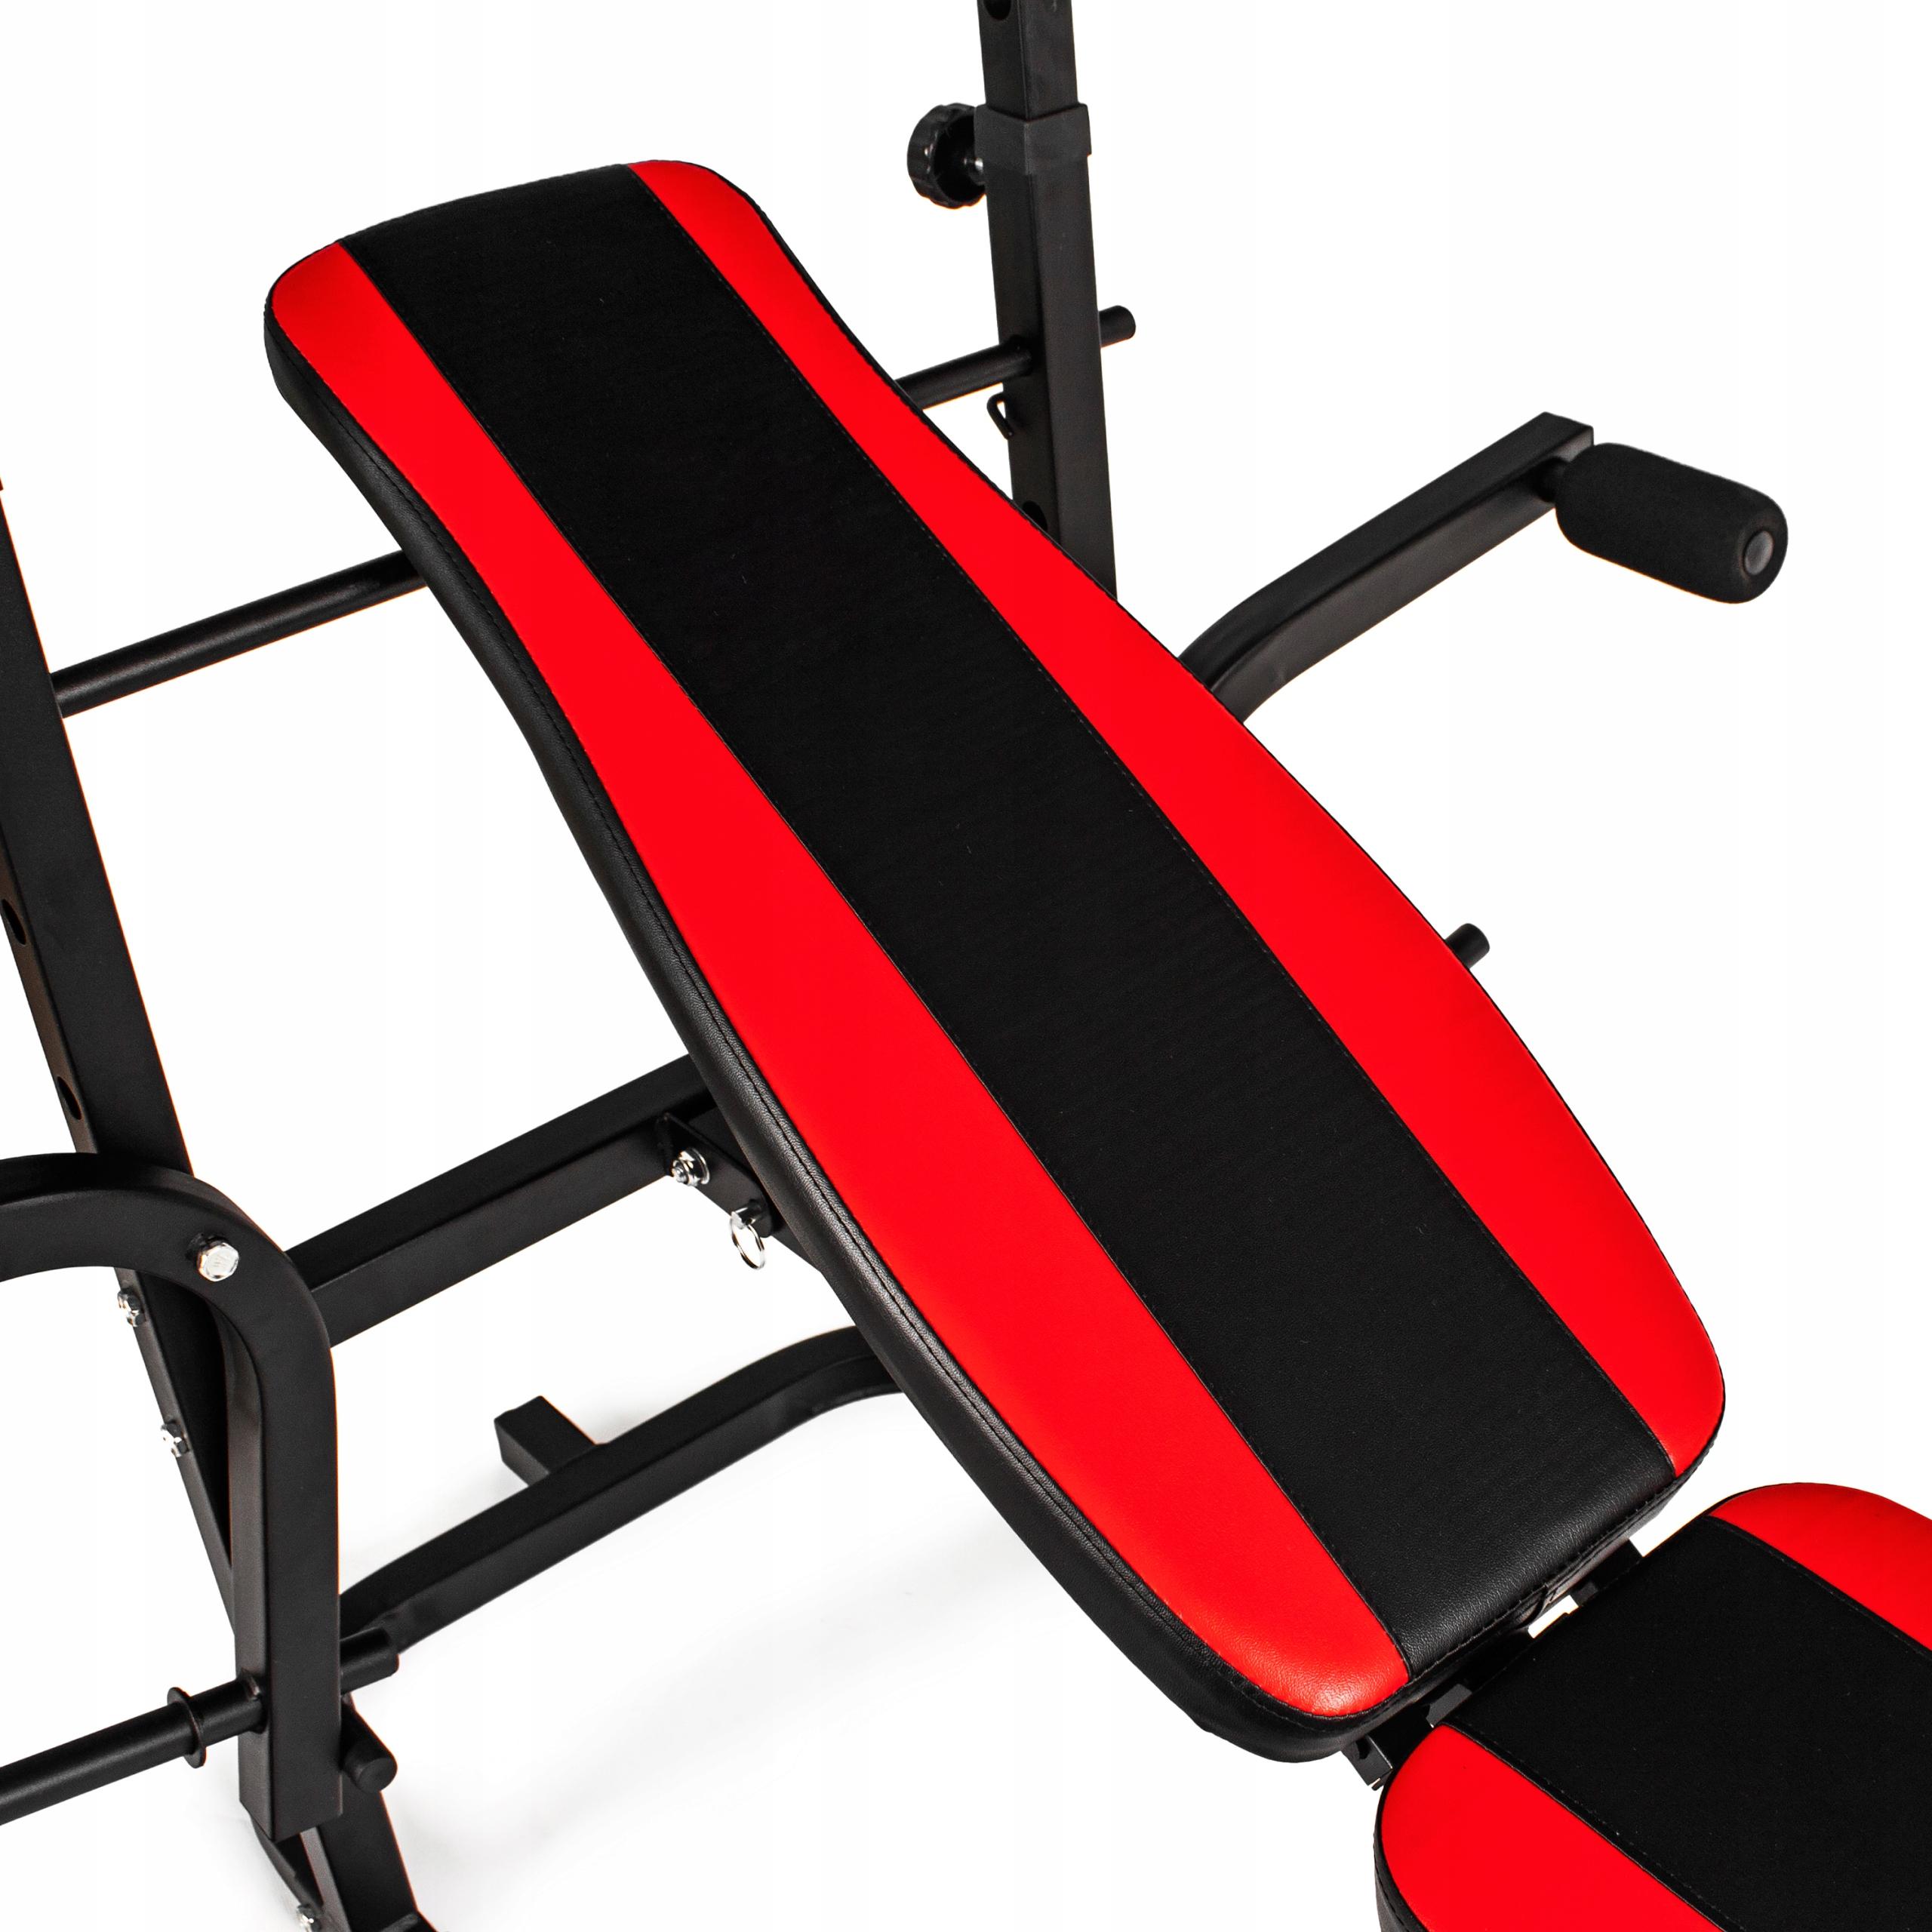 Xylo siłownia 191 kg zestaw ŁAWKA+GRYFY+OBCIĄŻENIA EAN 5903228925344